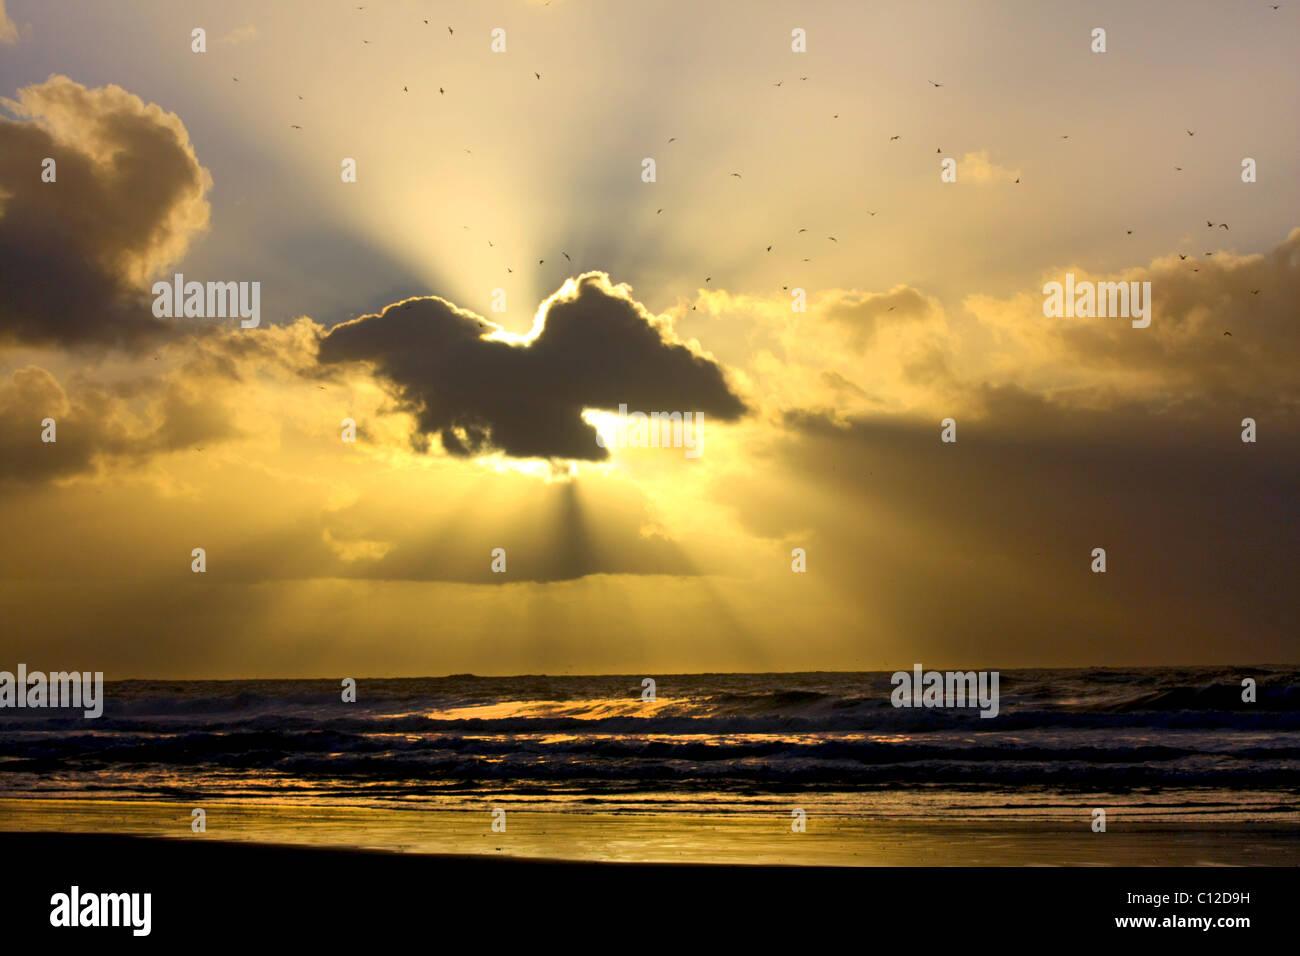 Un 40,151.06068rayons de soleil Rayons de mouettes mouettes oiseaux sombres nuages les couches de nuages reflet Photo Stock